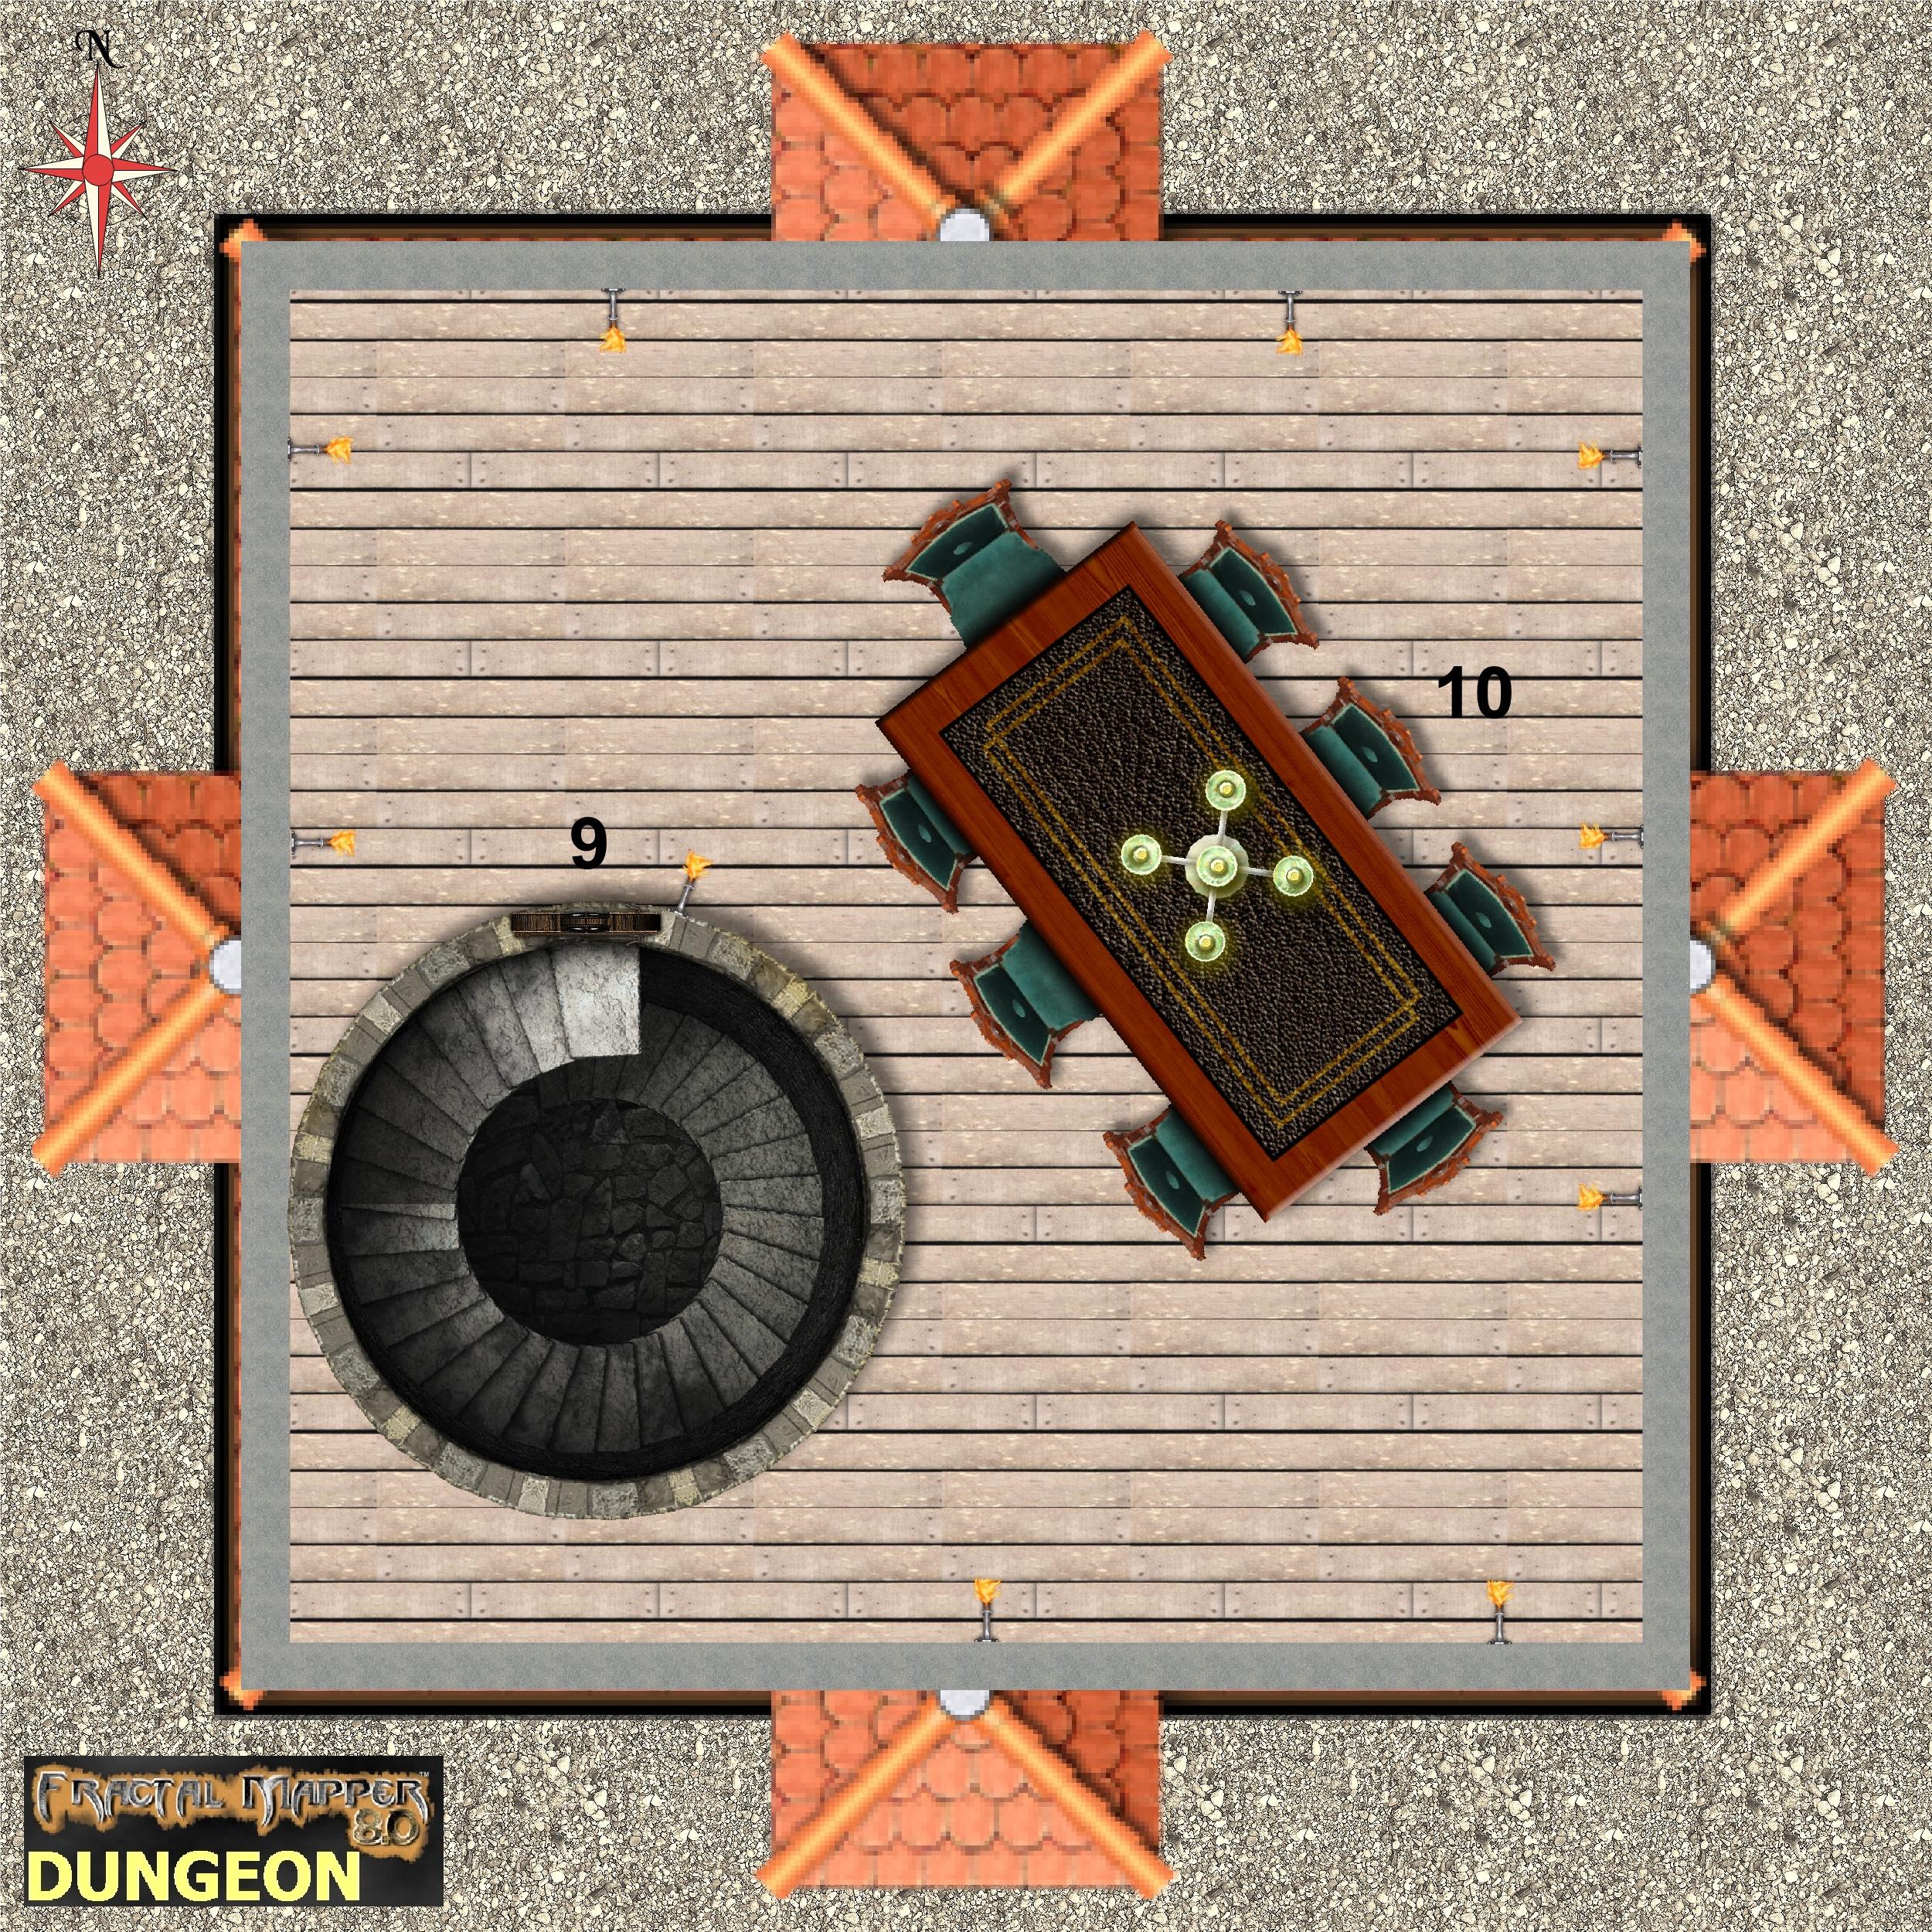 UnderhillCastleTower2S 2500